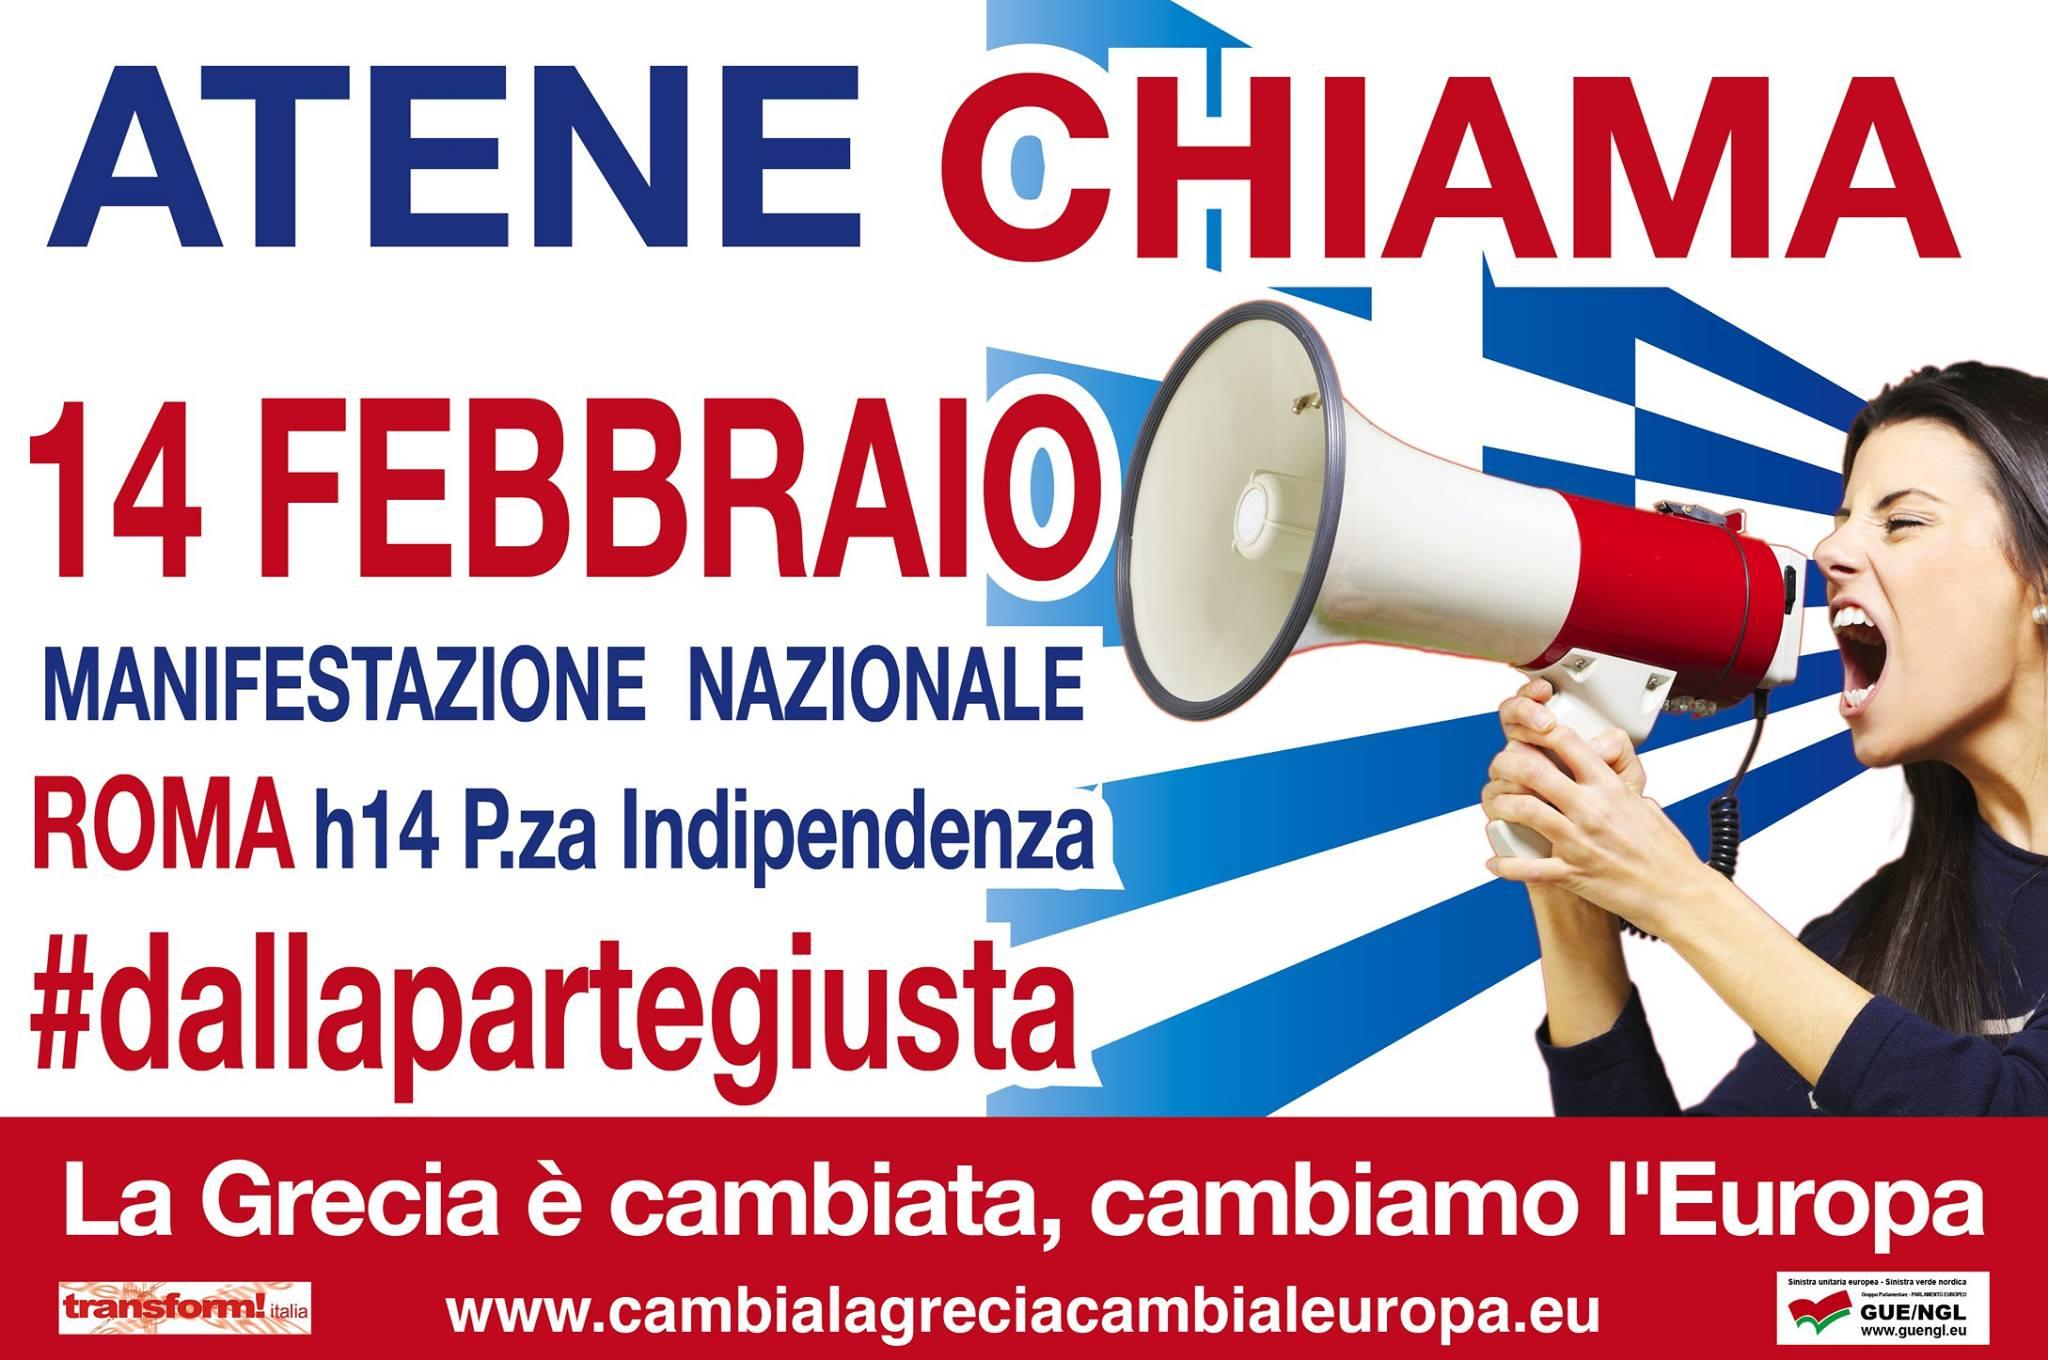 ATENE CHIAMA : in piazza per la Grecia il 14 febbraio